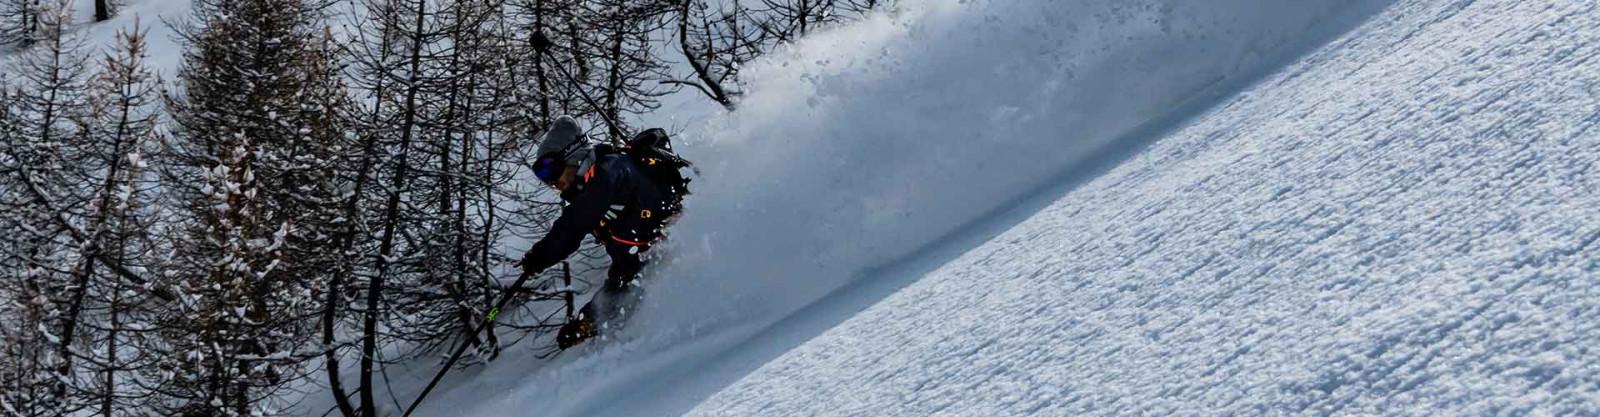 Germain Grangier skiing